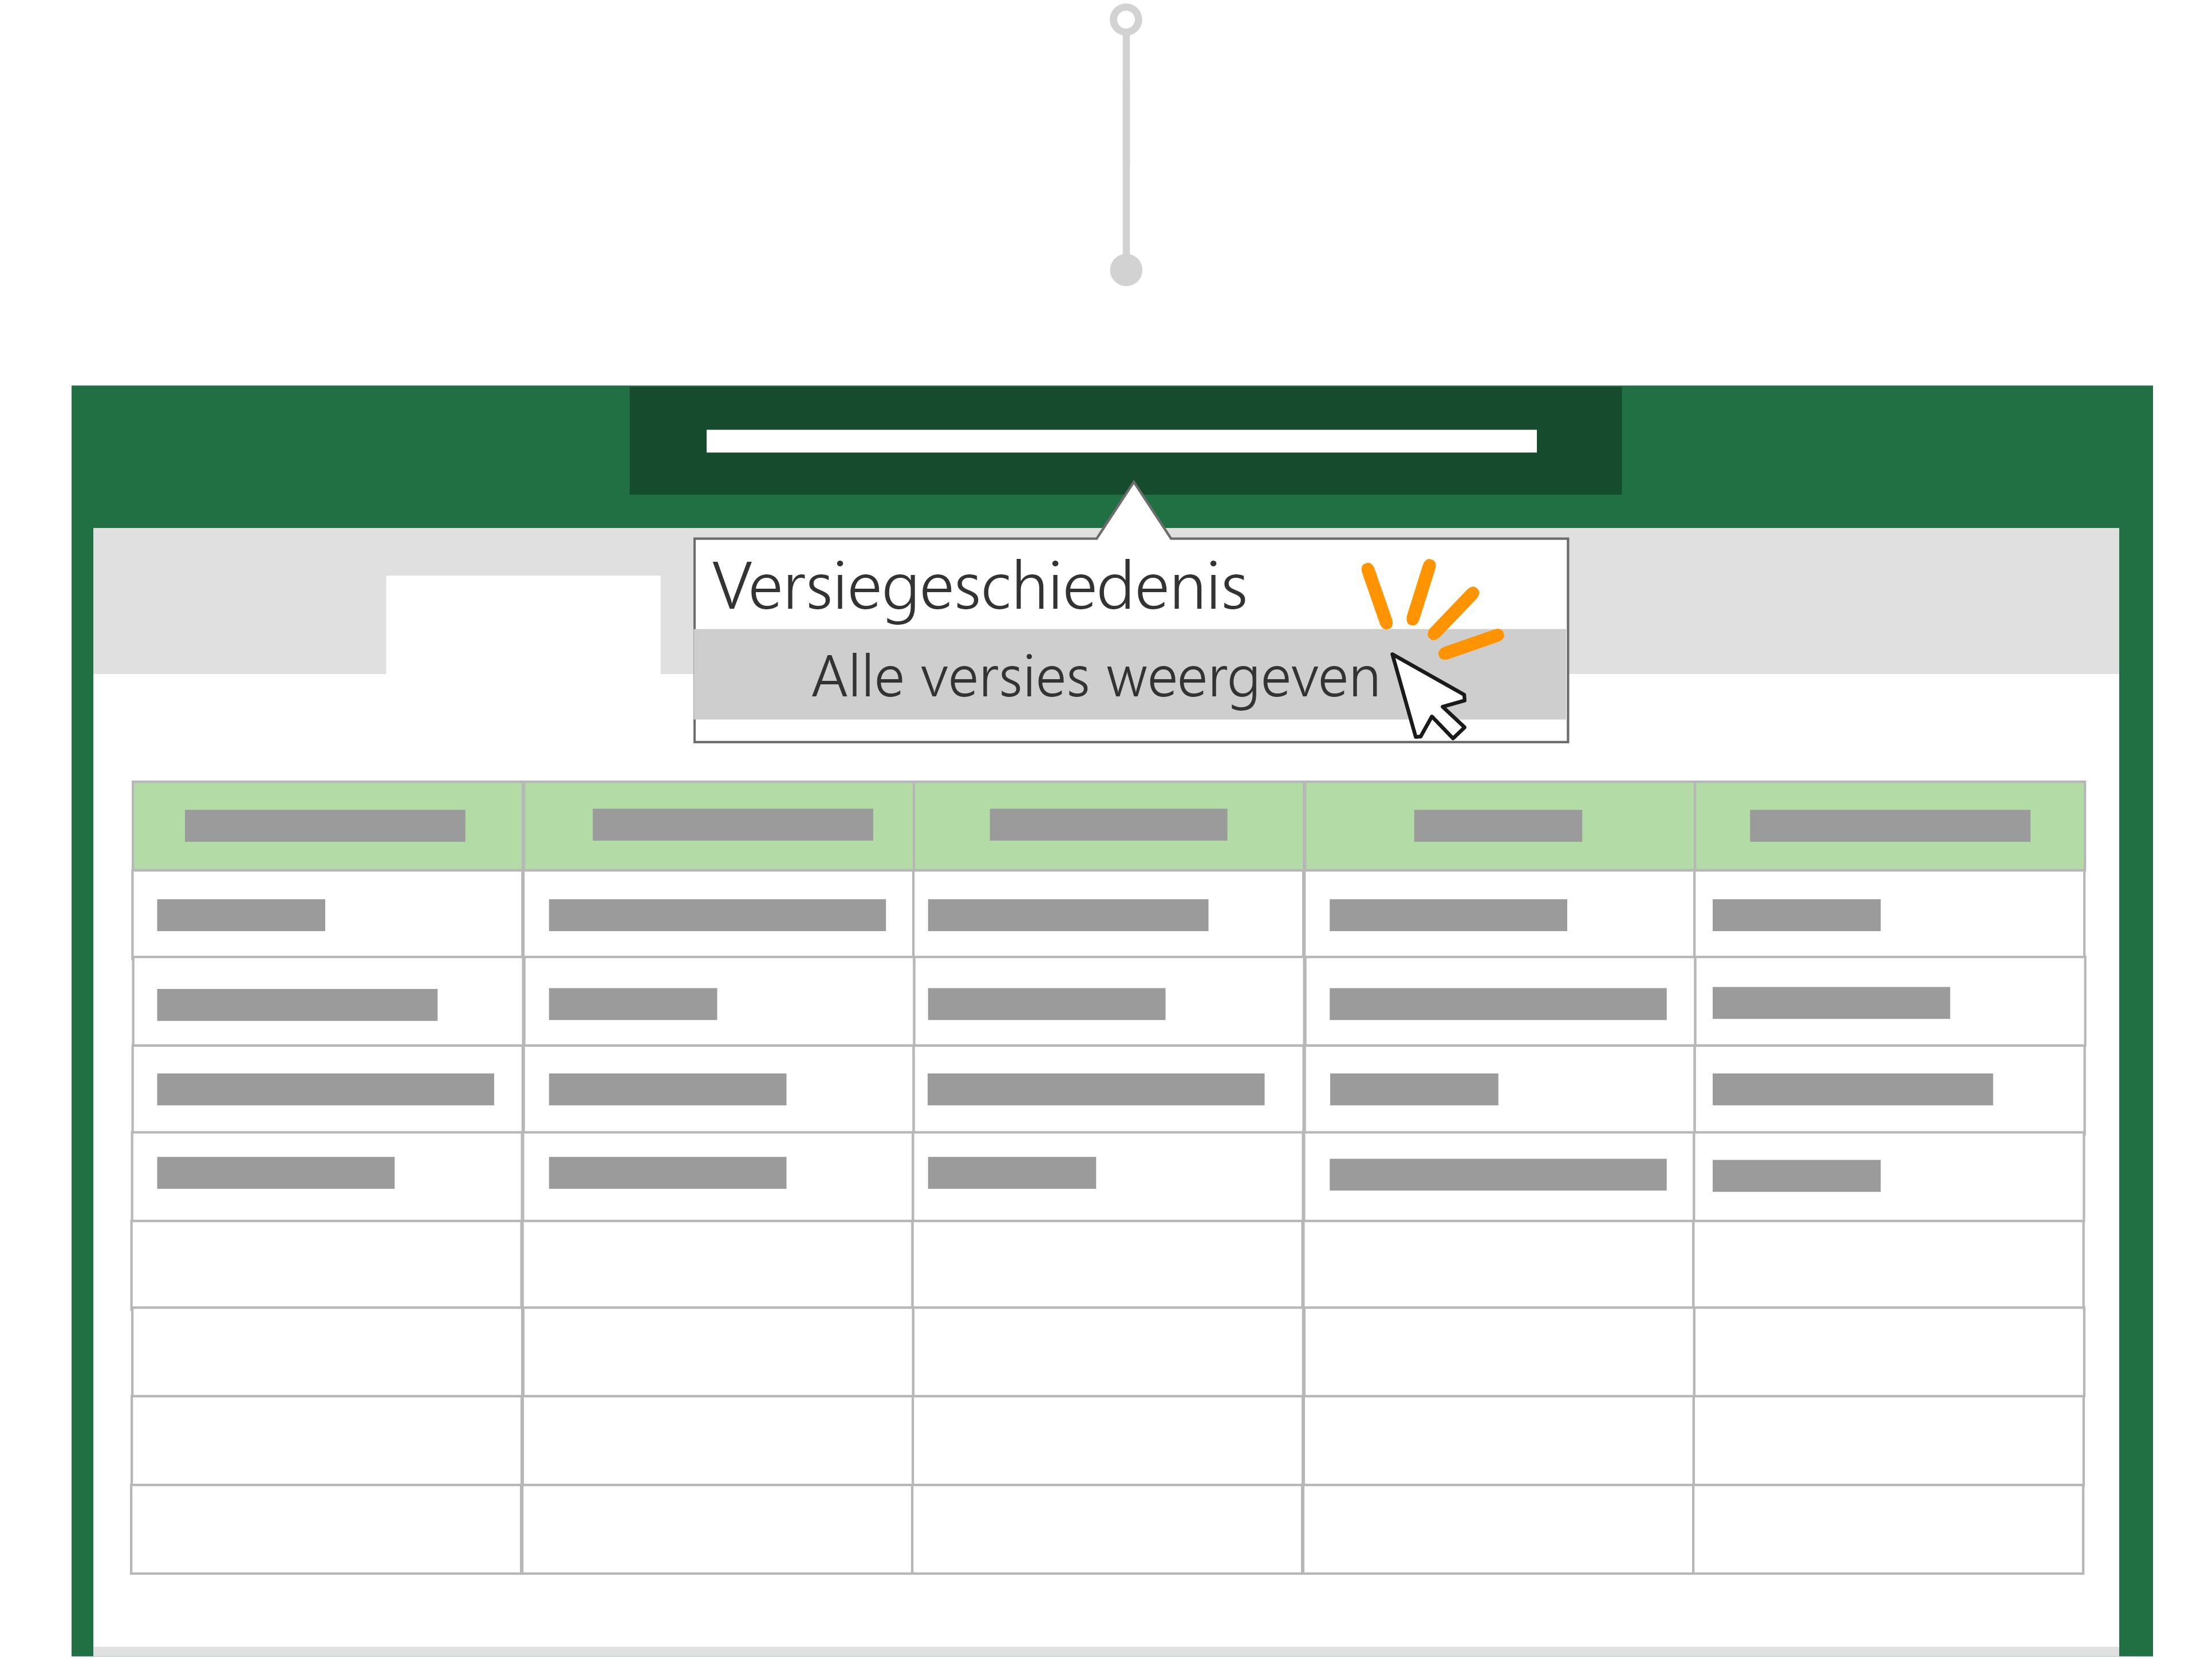 Geschiedenis van documentversies gebruiken om terug te gaan naar een eerdere versie van een bestand.